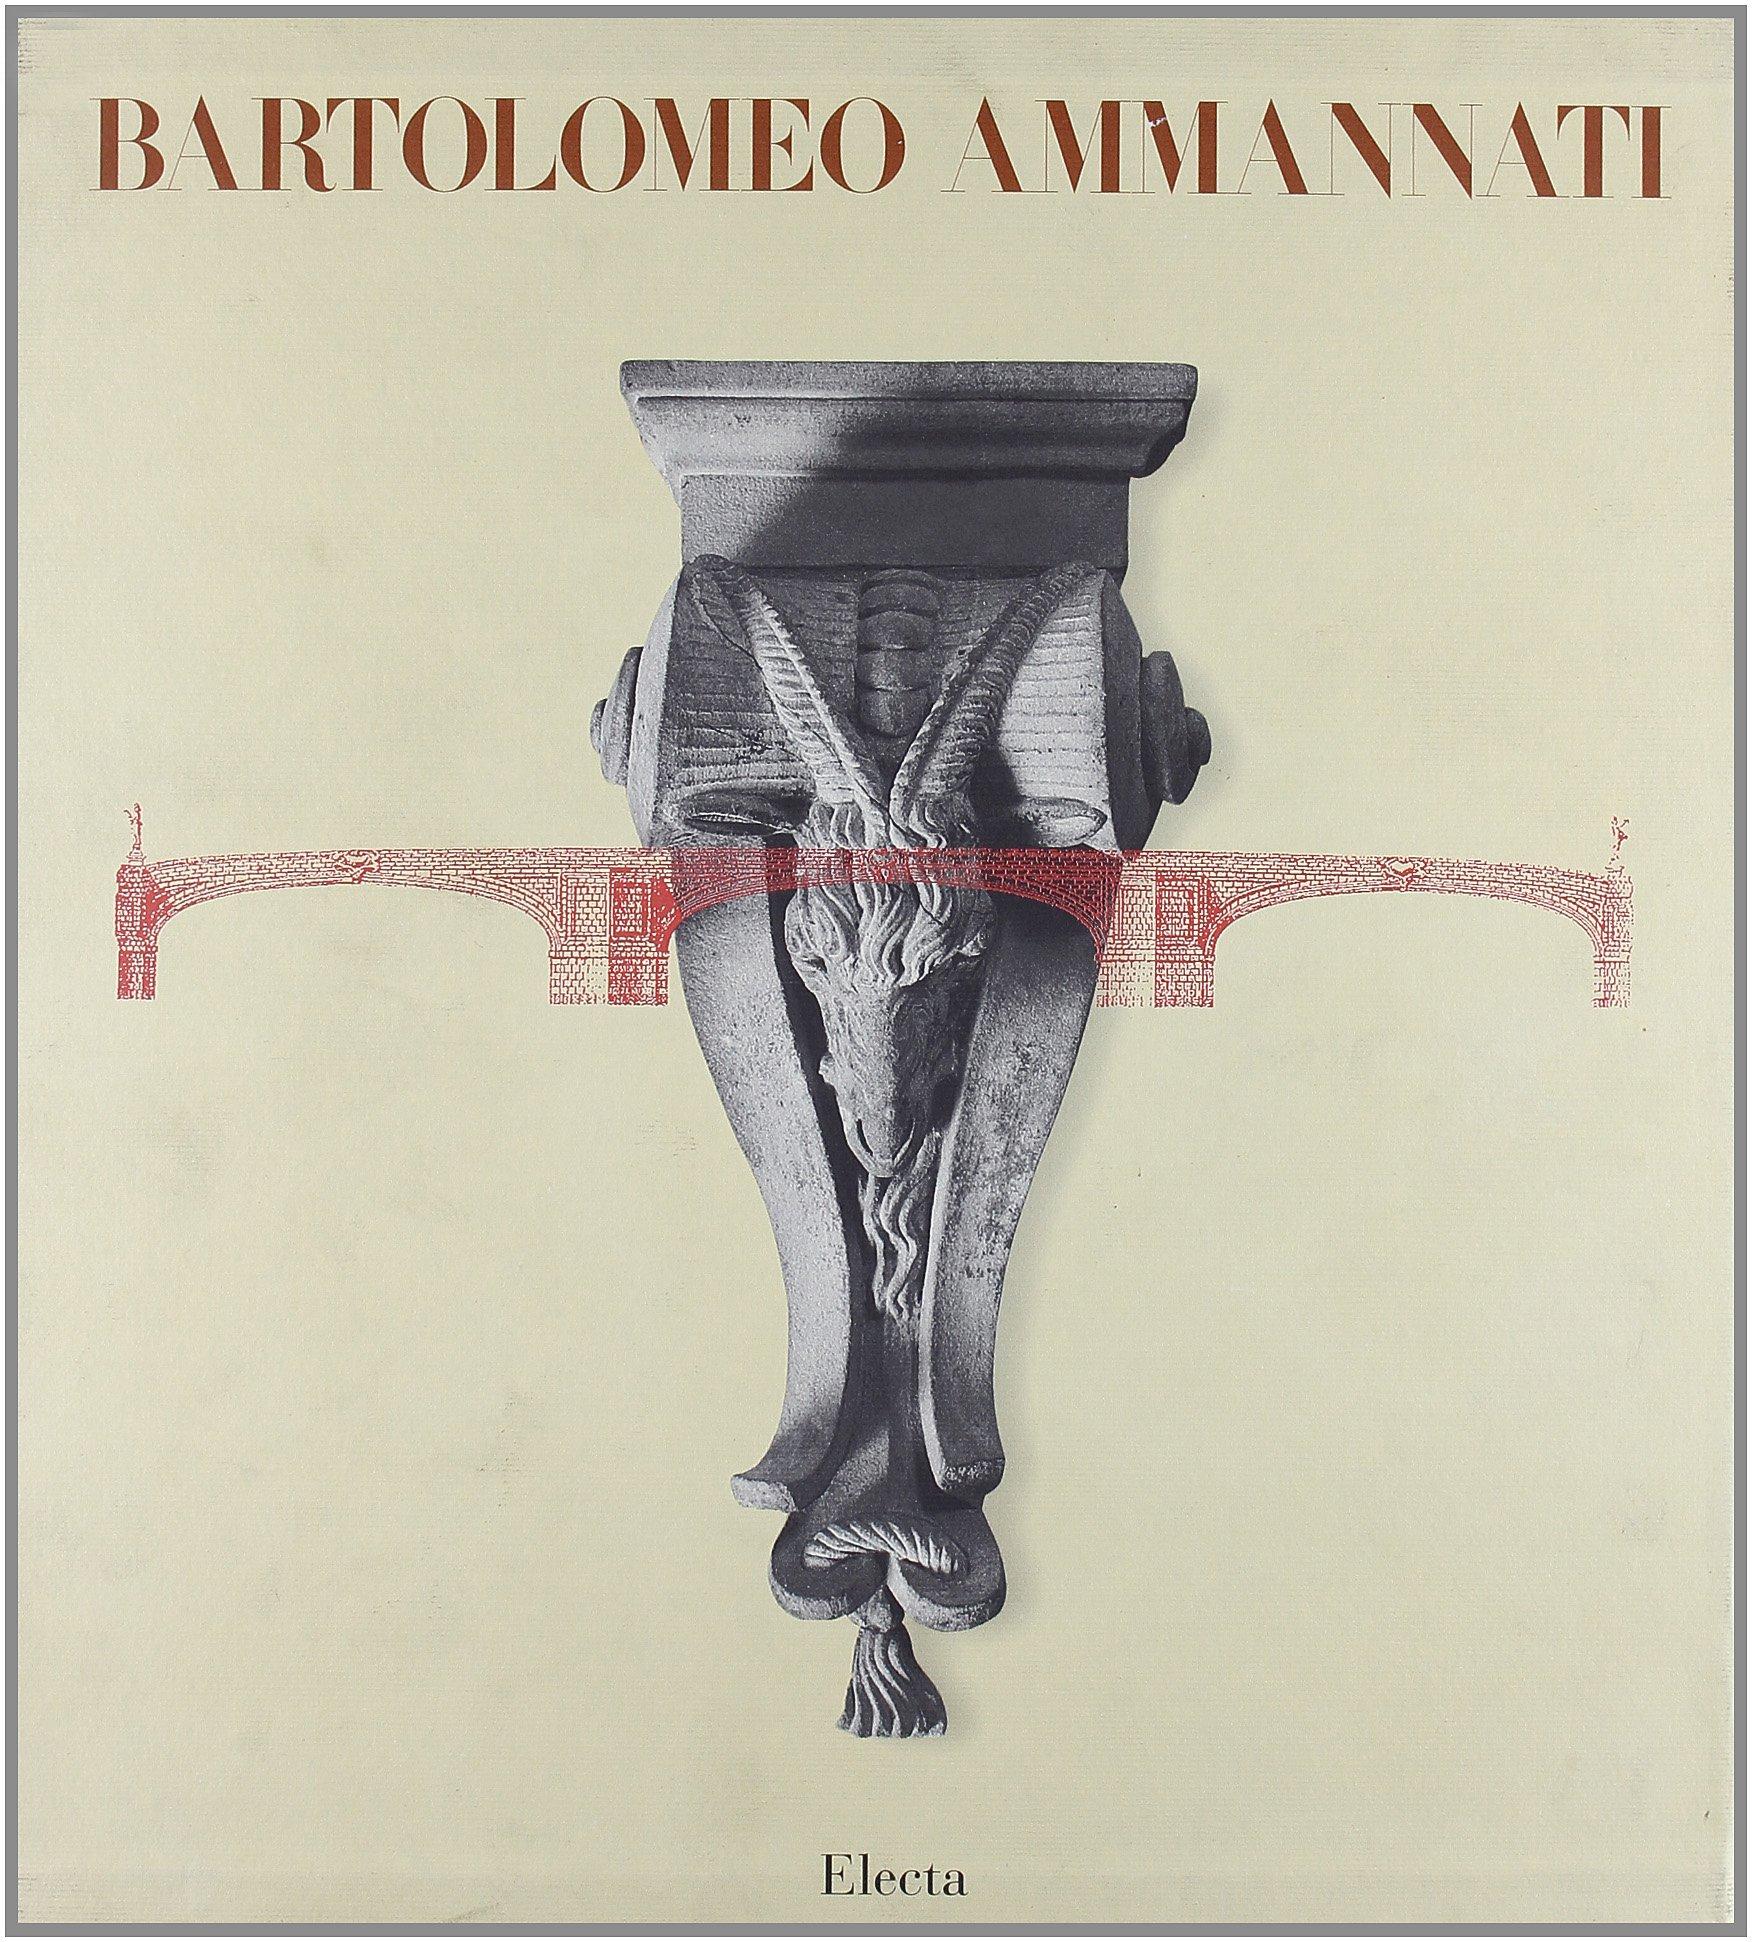 Bartolomeo Ammannati. Ediz. illustrata Copertina rigida – 1 gen 1997 Michael Kiene Mondadori Electa 884355106X ARCHITETTURA